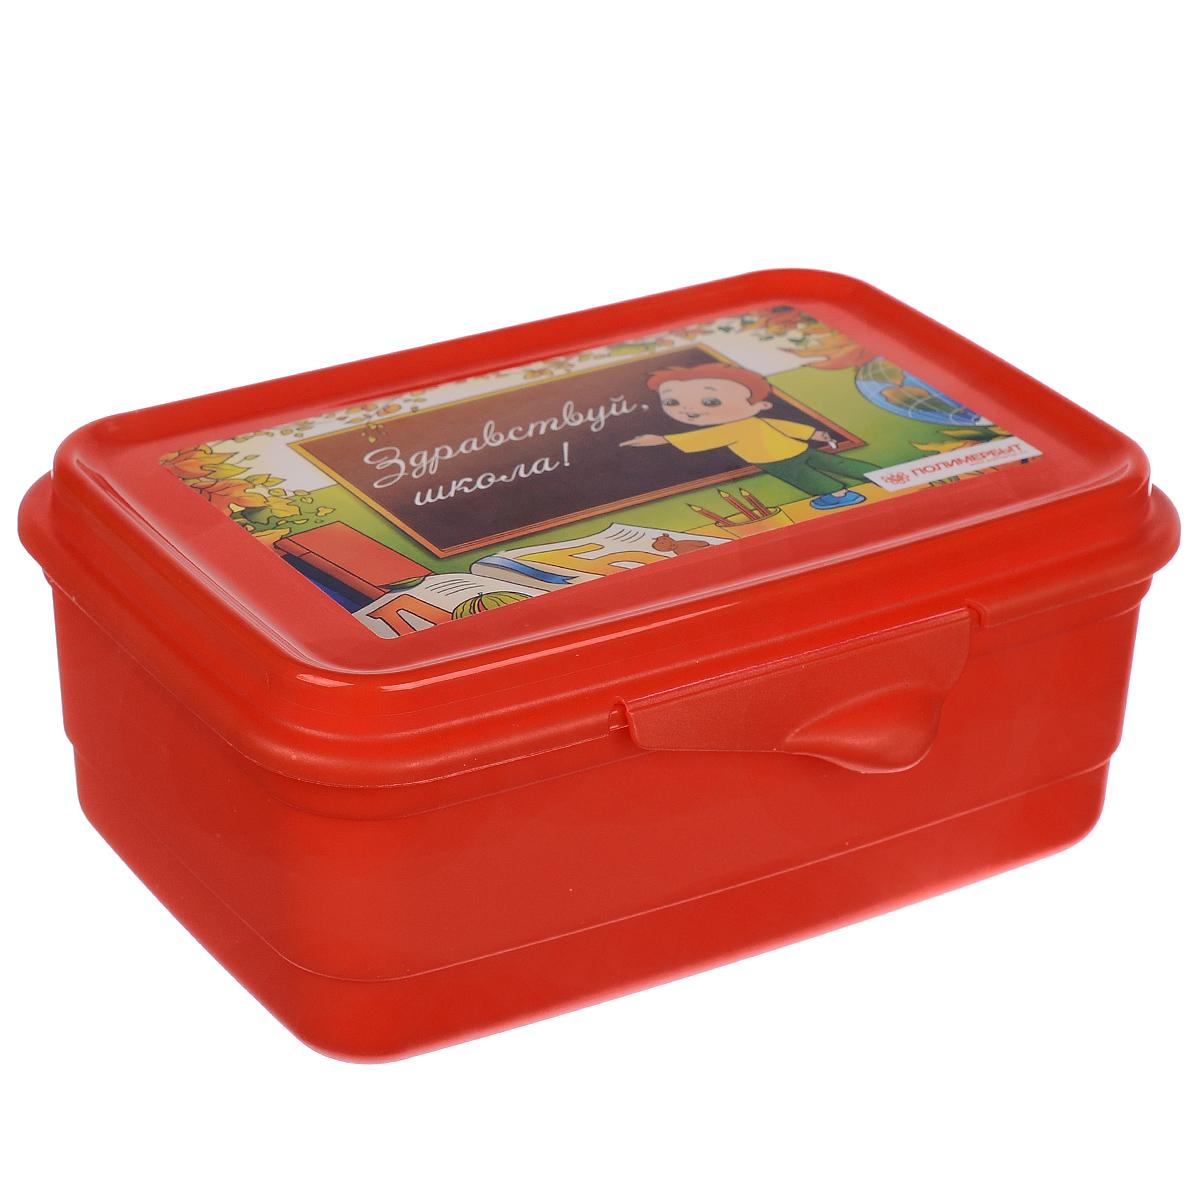 Контейнер для завтрака Полимербыт, цвет: красный, 750 млПБ 550Контейнер для завтрака Полимербыт, изготовленный из высококачественного пластика, предназначен специально для хранения пищевых продуктов. Контейнер прямоугольной формы. Крышка легко открывается и закрывается. Контейнер может быть использован для разогрева еды в микроволновой печи, устойчив к воздействию масел и жиров, легко моется. Контейнер имеет возможность хранения продуктов глубокой заморозки, обладает высокой прочностью. Изделие необыкновенно удобно: в нем можно брать еду на работу, за город, ребенку в школу. Именно поэтому подобные контейнеры обретают все большую популярность.